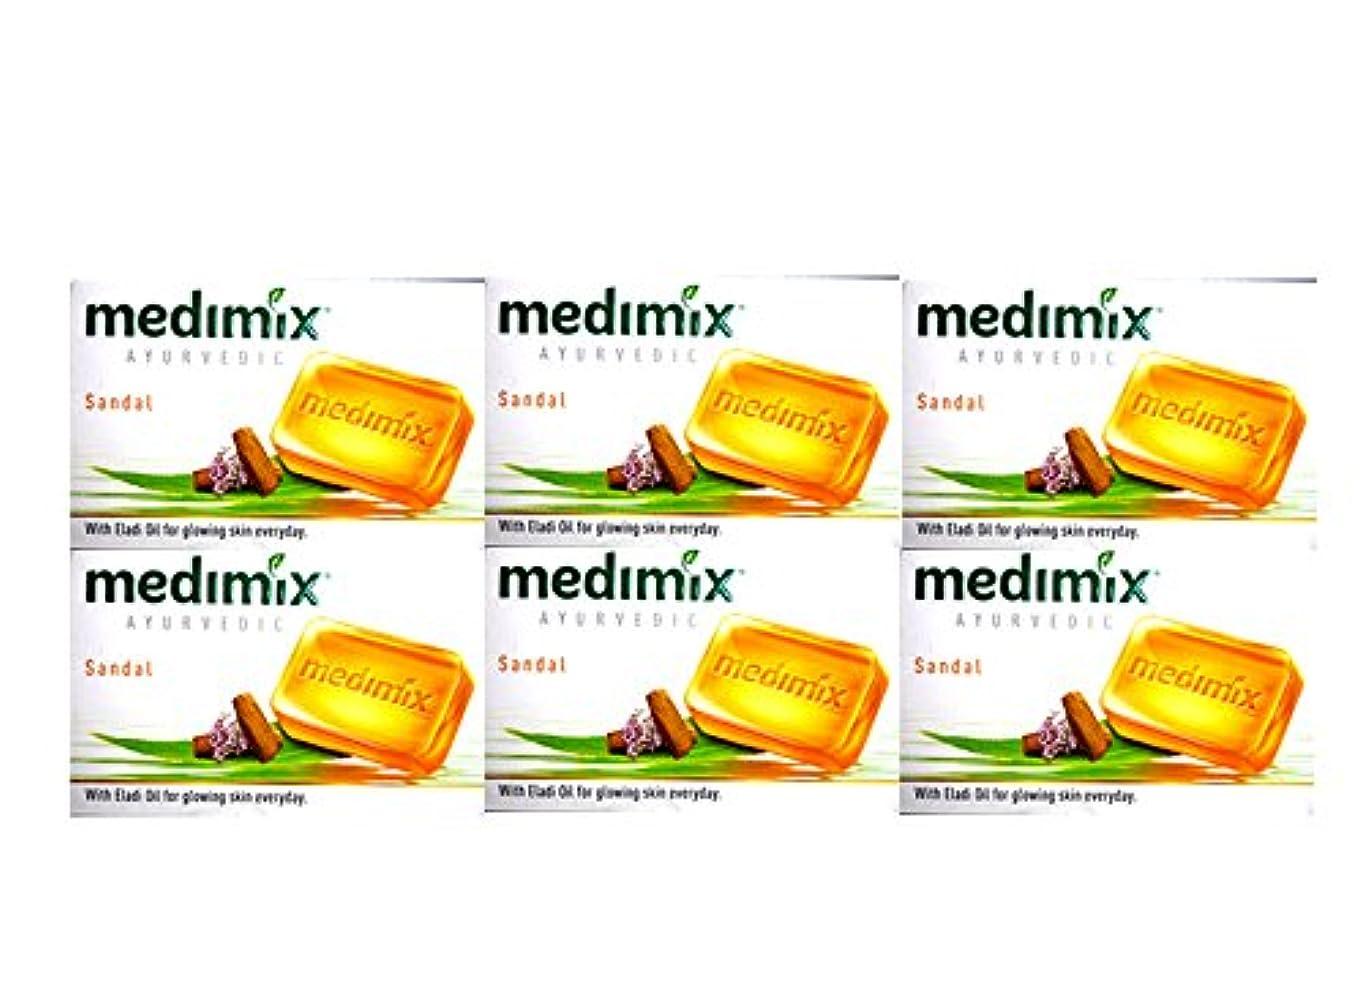 呼び起こすダイヤル何故なのMEDIMIX メディミックス アーユルヴェディックサンダル 6個セット(medimix AYURVEDEC sandal Soap) 125g